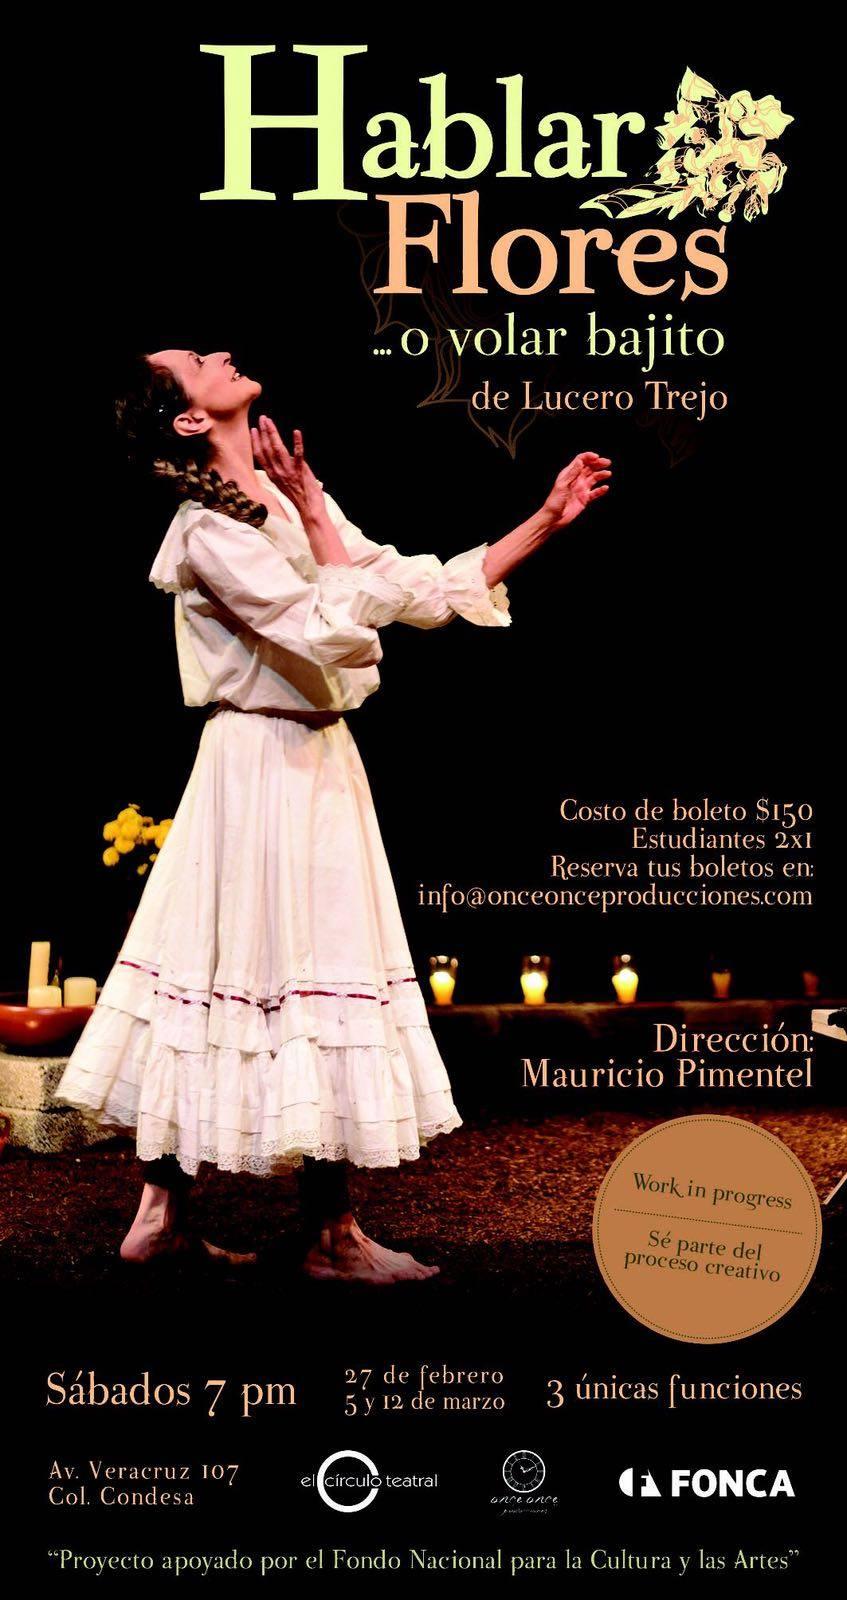 Círculo teatral | 27 de febrero 5 y 12 de marzo